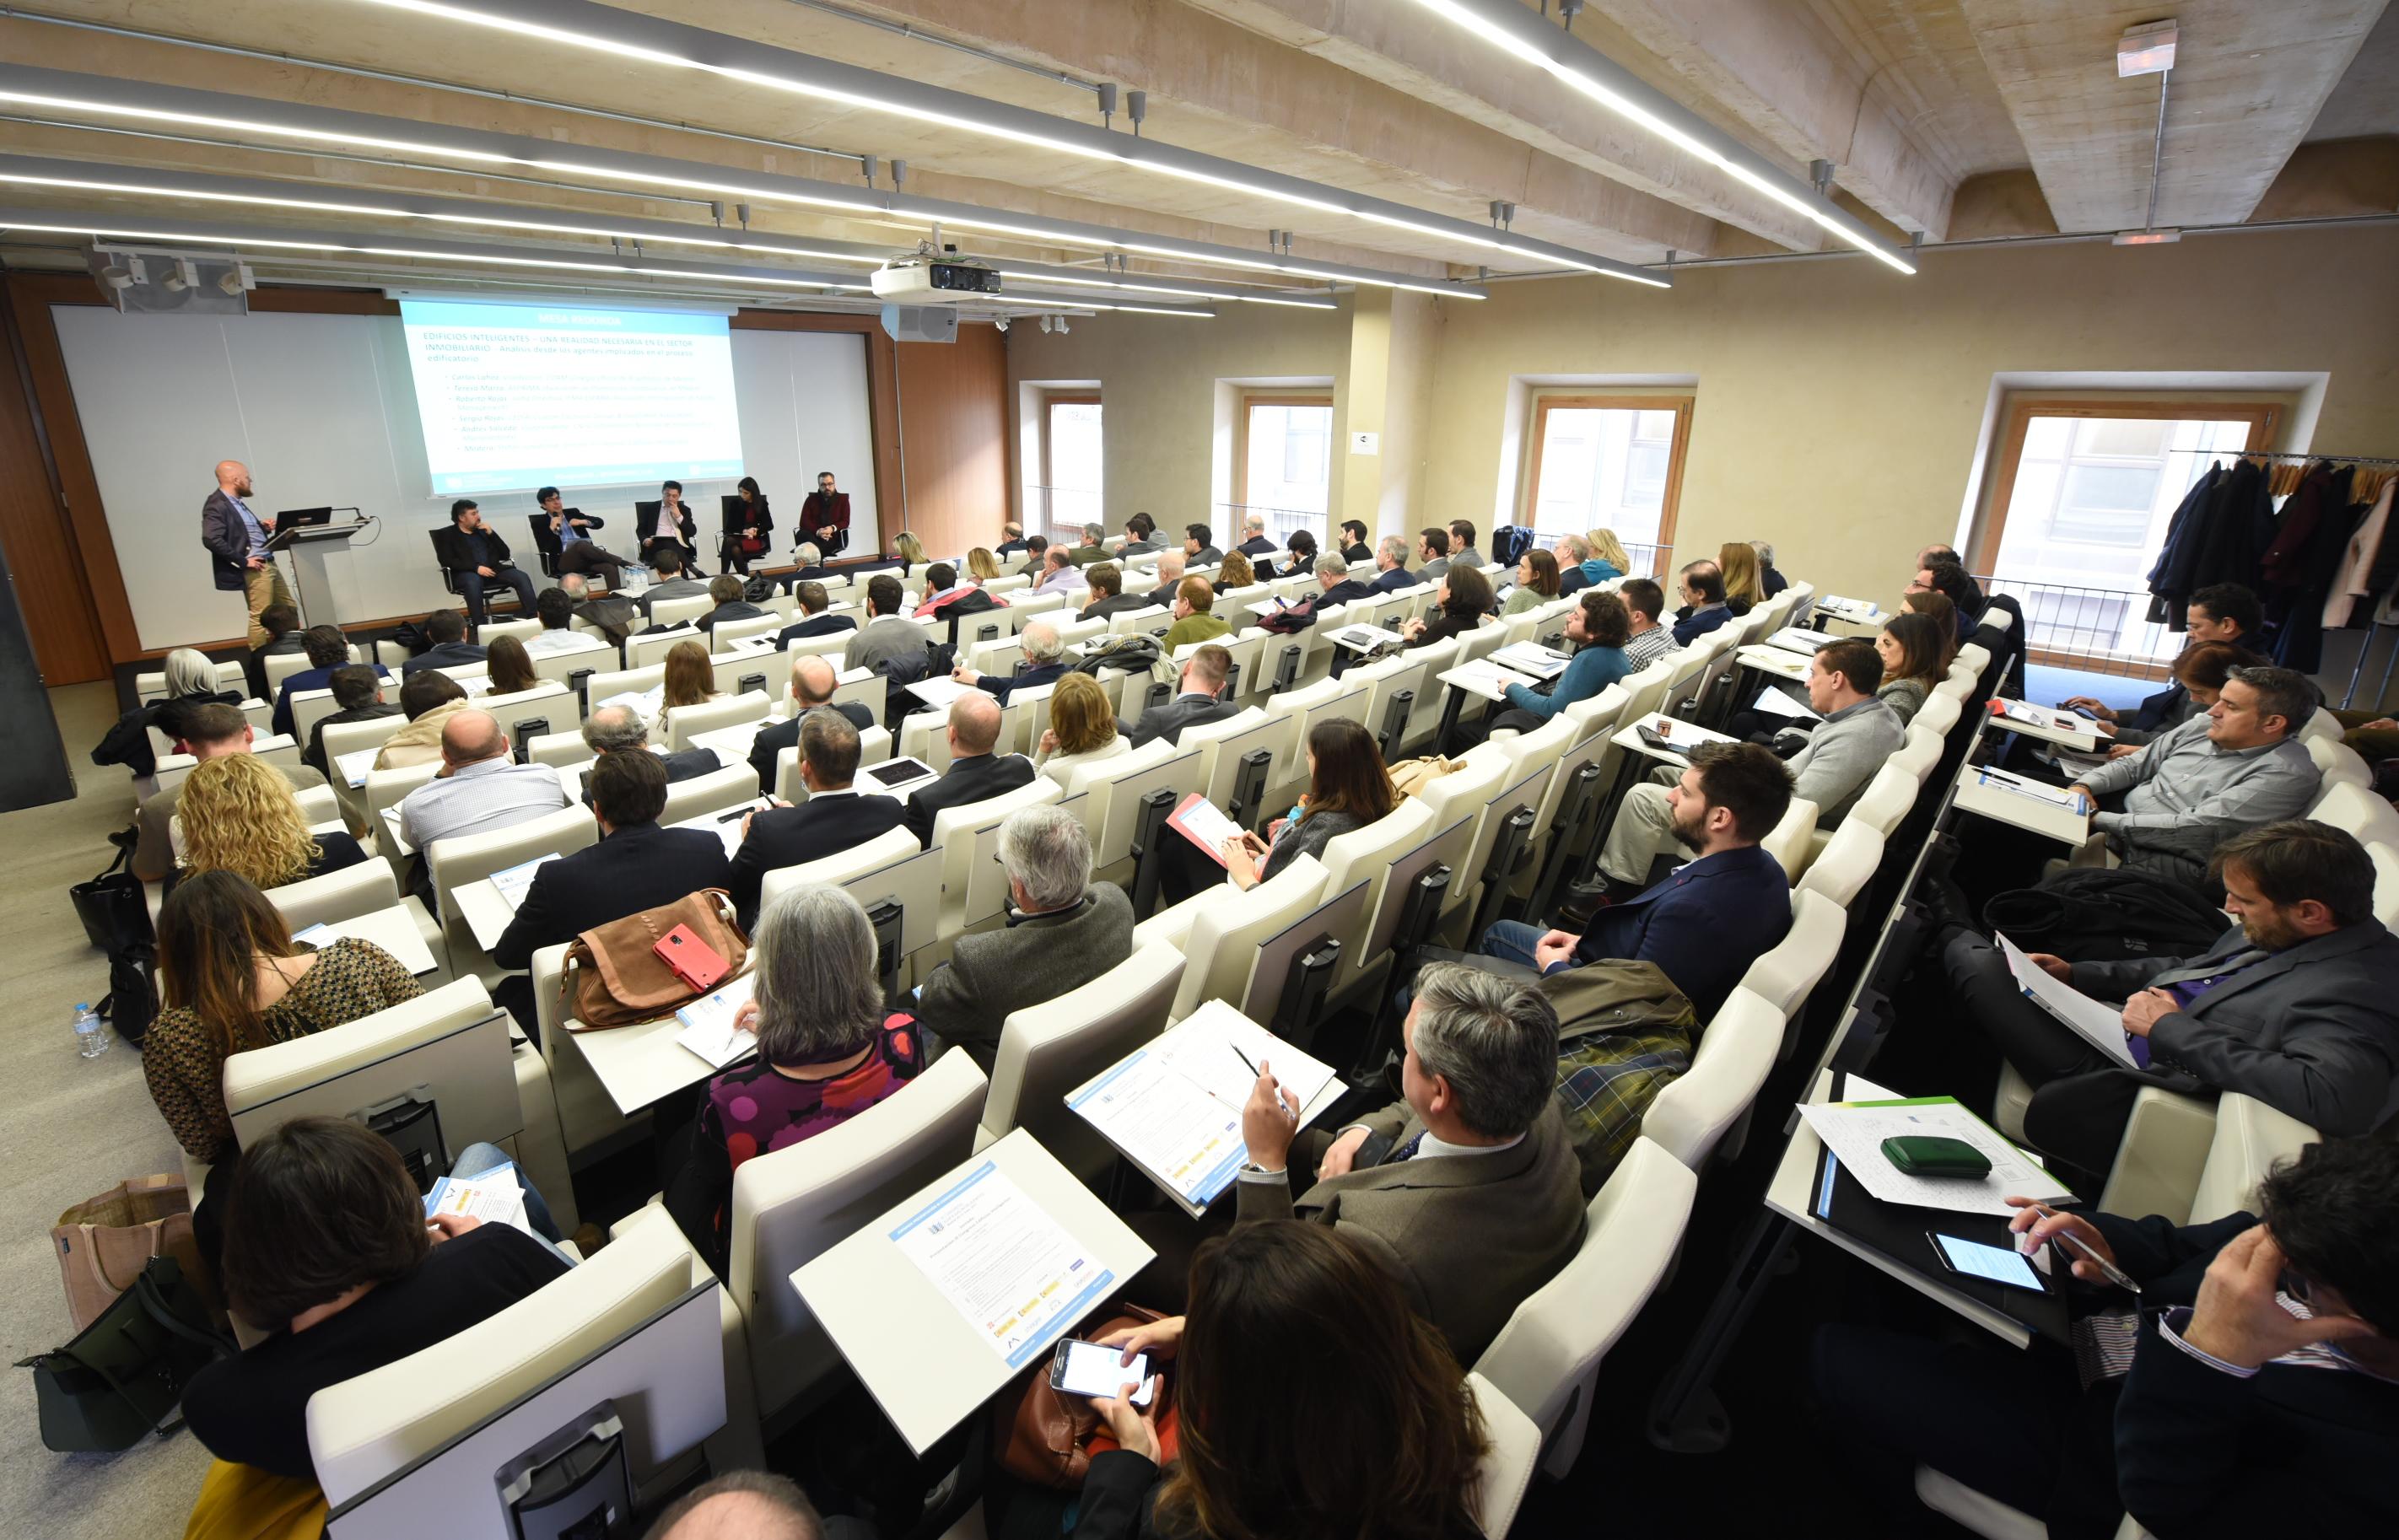 20170222-NP-3-Congreso-Edificios-Inteligentes-Jornada-COAM